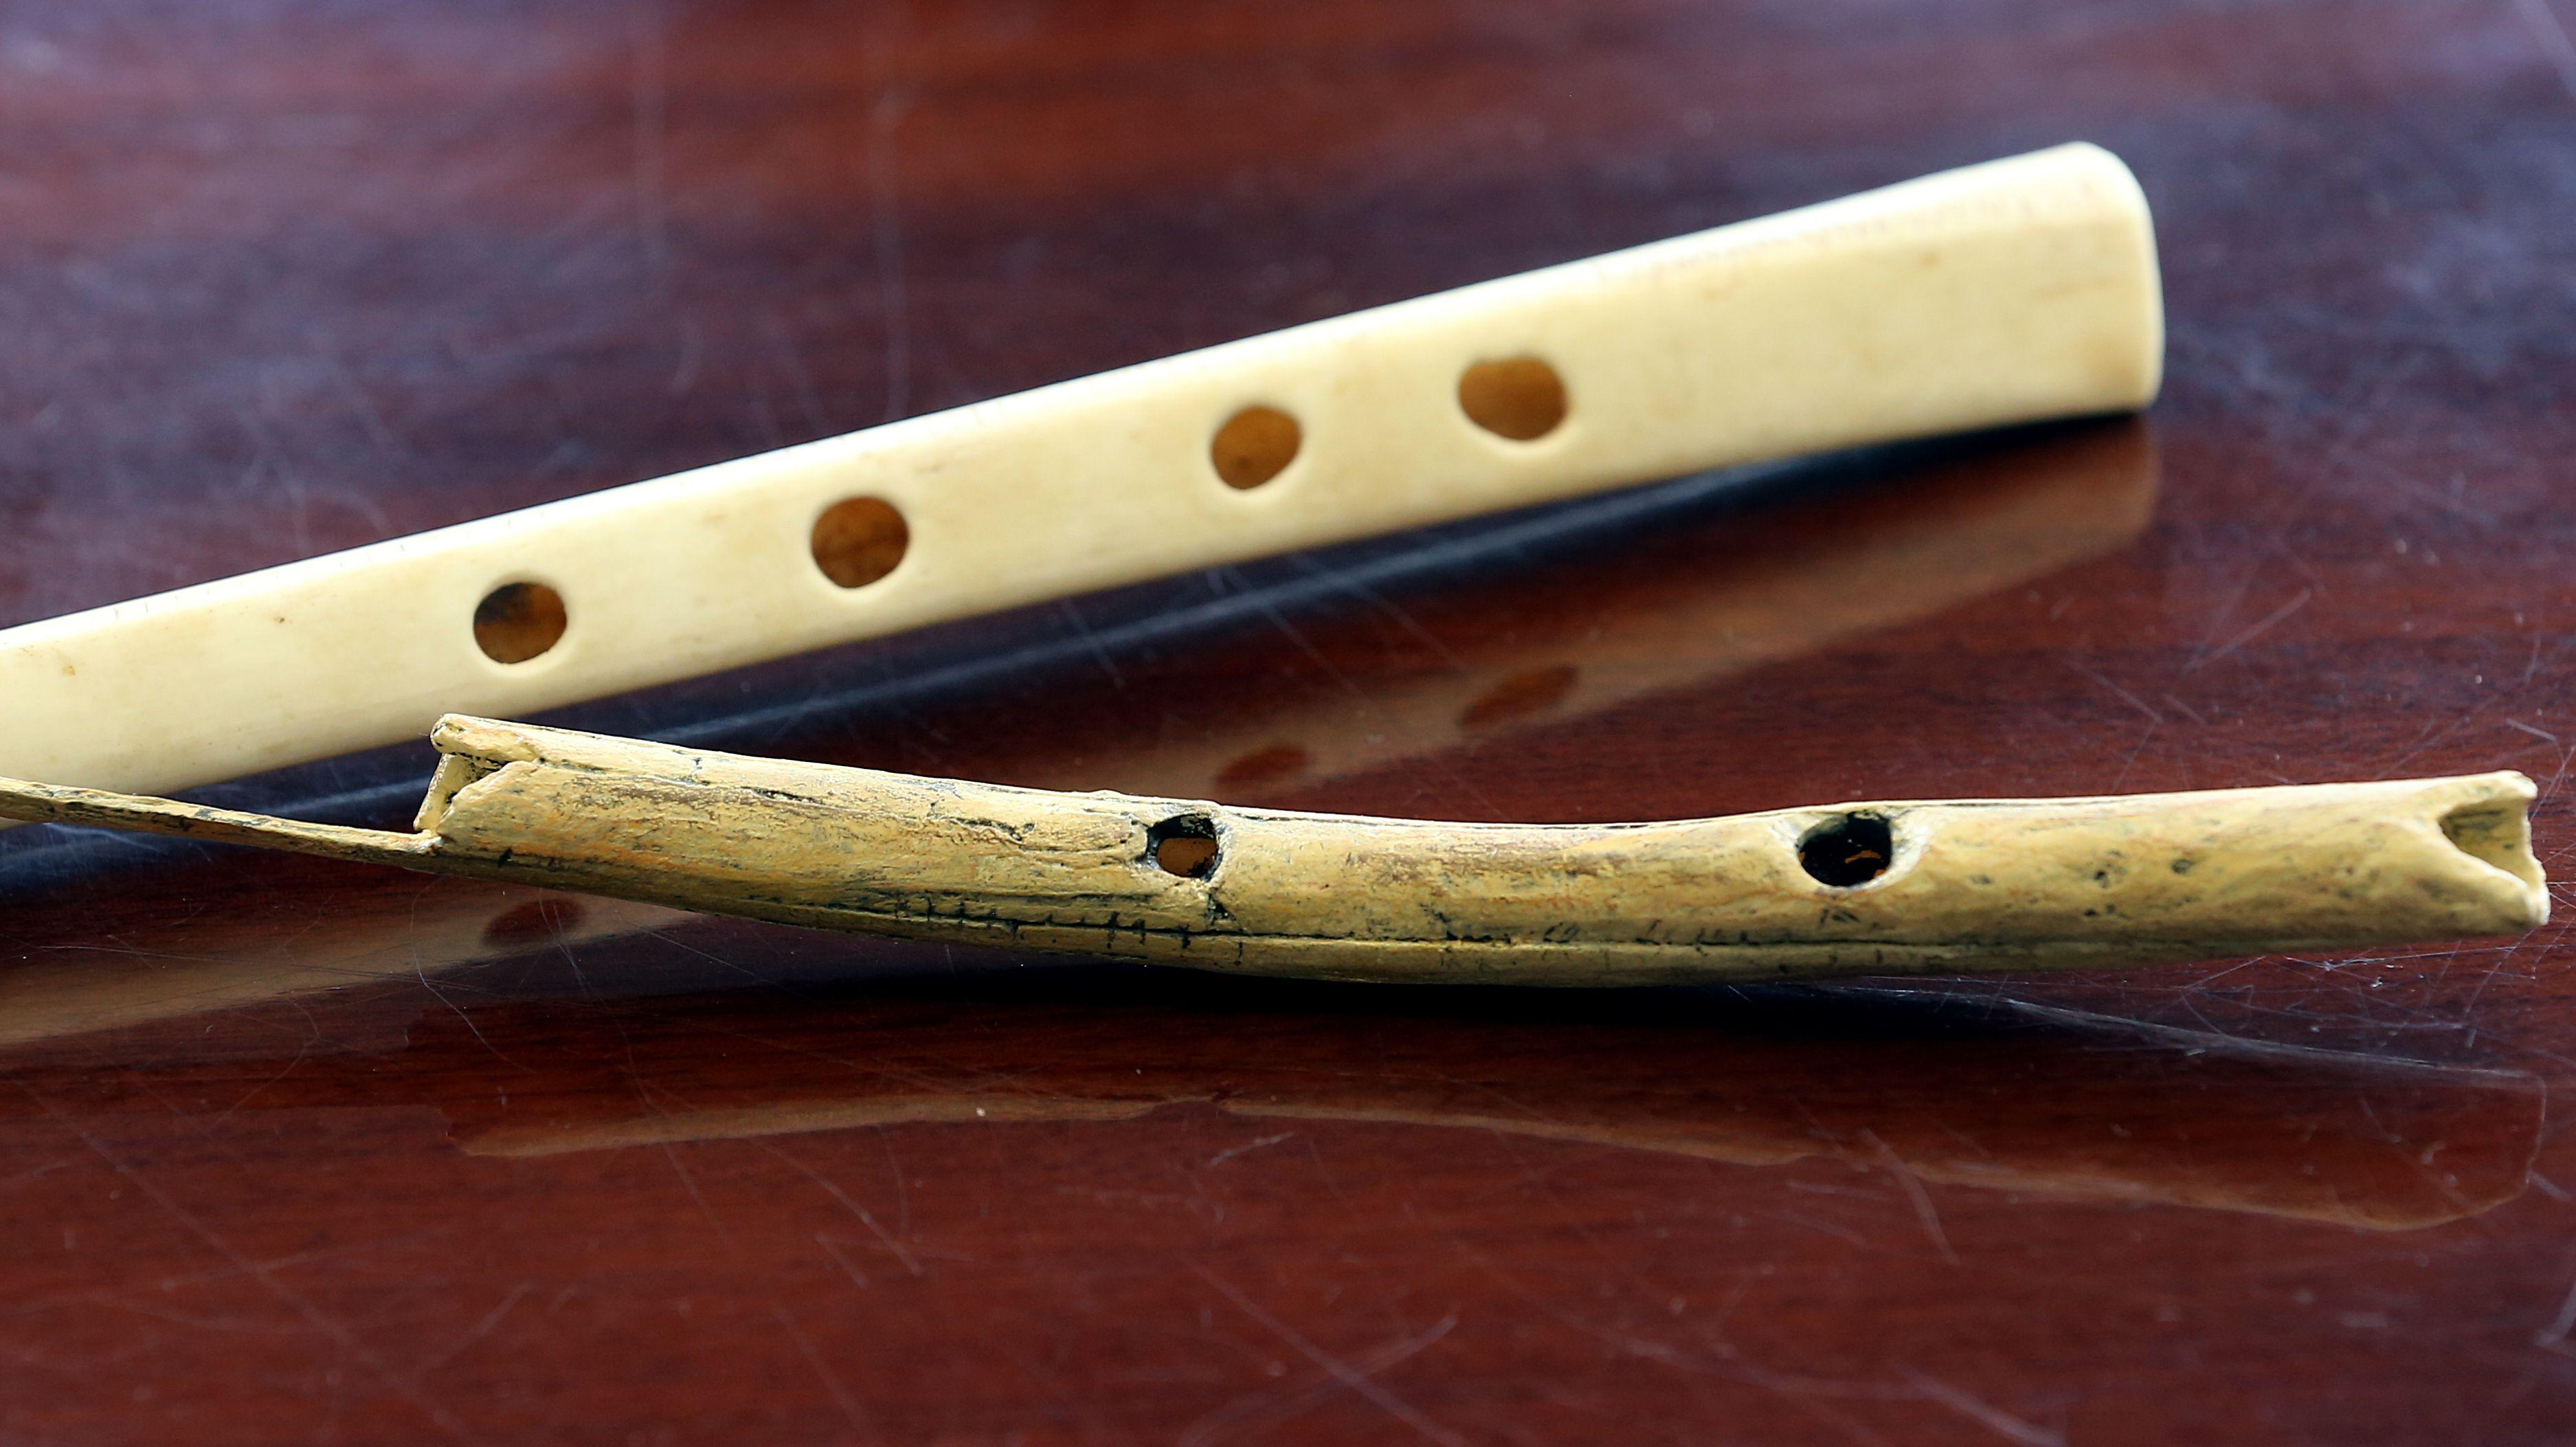 Der Nachbau einer 38000 Jahre alten Flöte aus Geierflügelknochen (oben) und eine Flöte aus Mammutelfenbein liegen am 30.07.2015 auf einem Tisch des Archäologen Instituts in Berlin